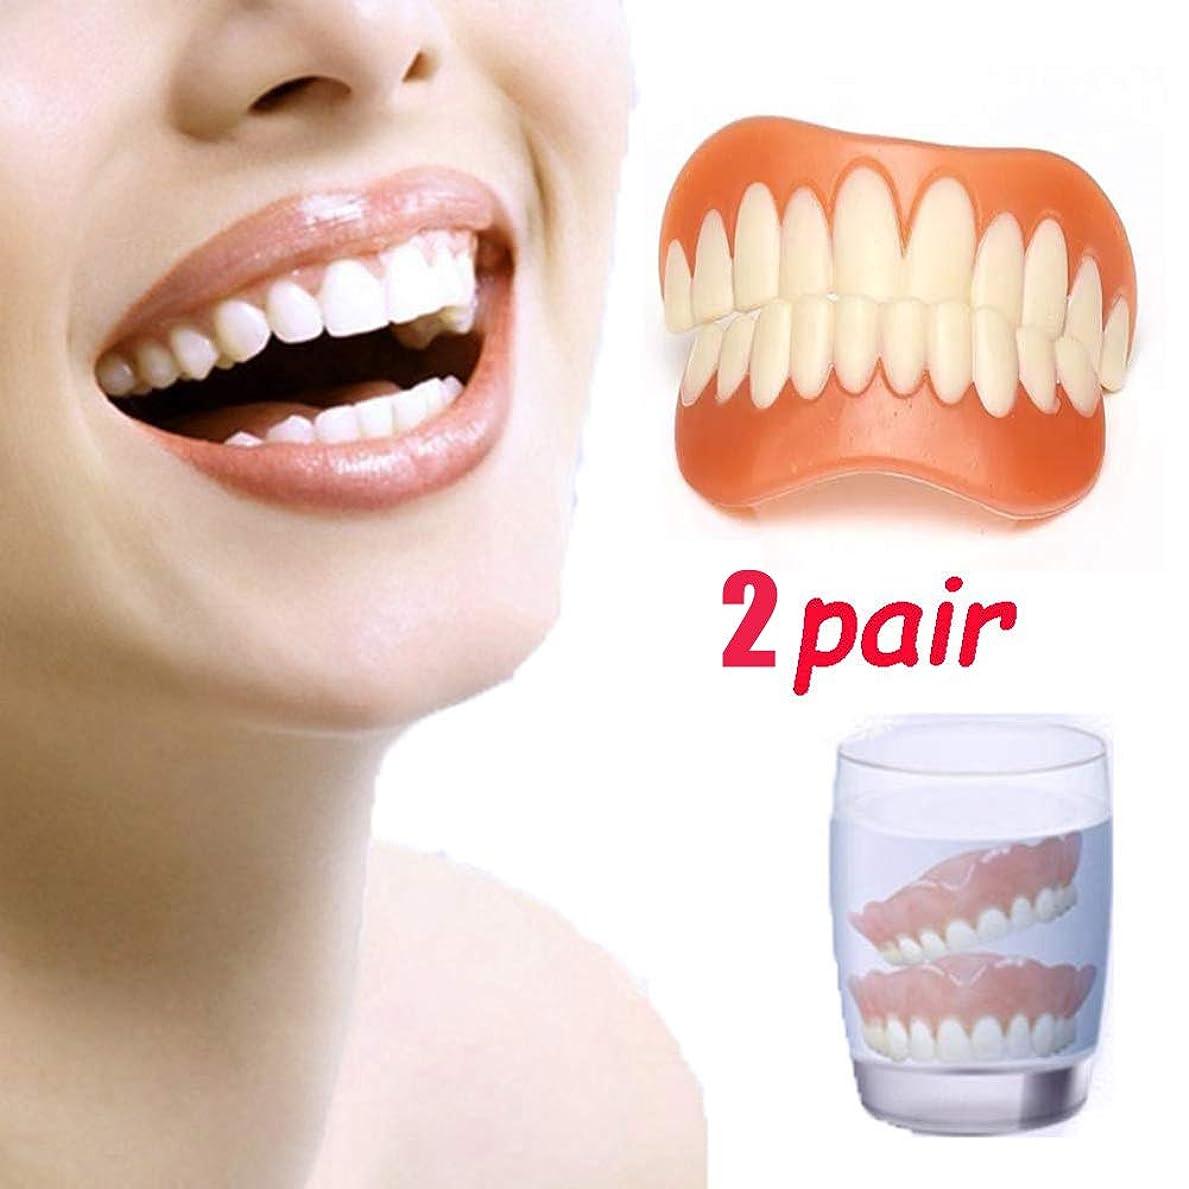 飛行場敬の念憂鬱な2組の完全な微笑のベニヤの即刻の微笑の慰めの屈曲の義歯、2 PCの歯の底+ 2 PCの上部